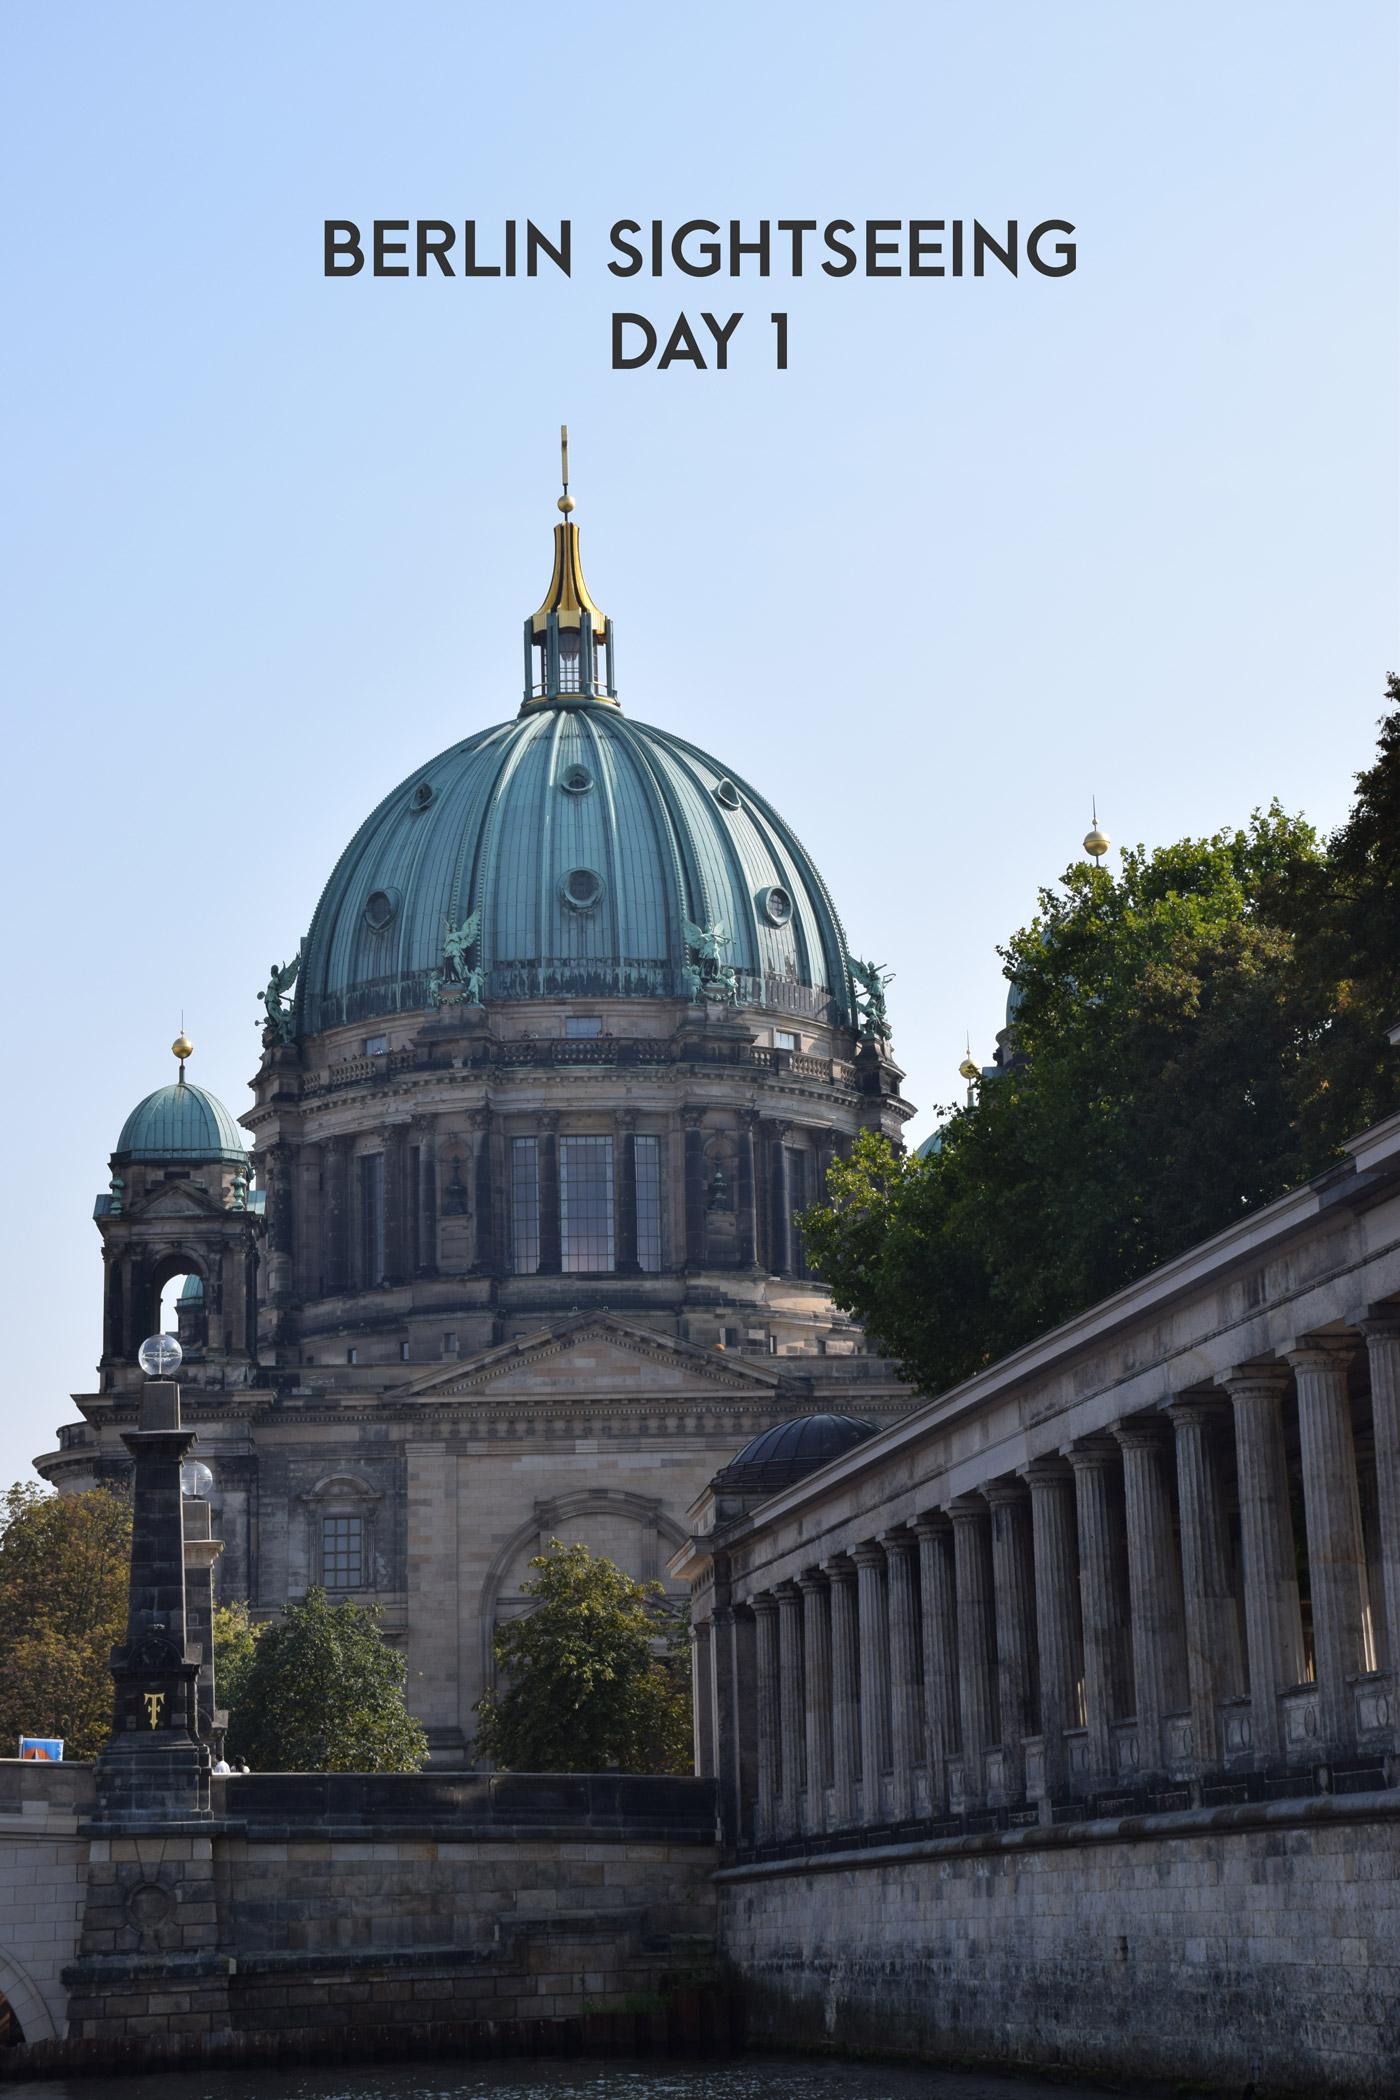 berlin-sightseeing-things-to-do-in-berlin